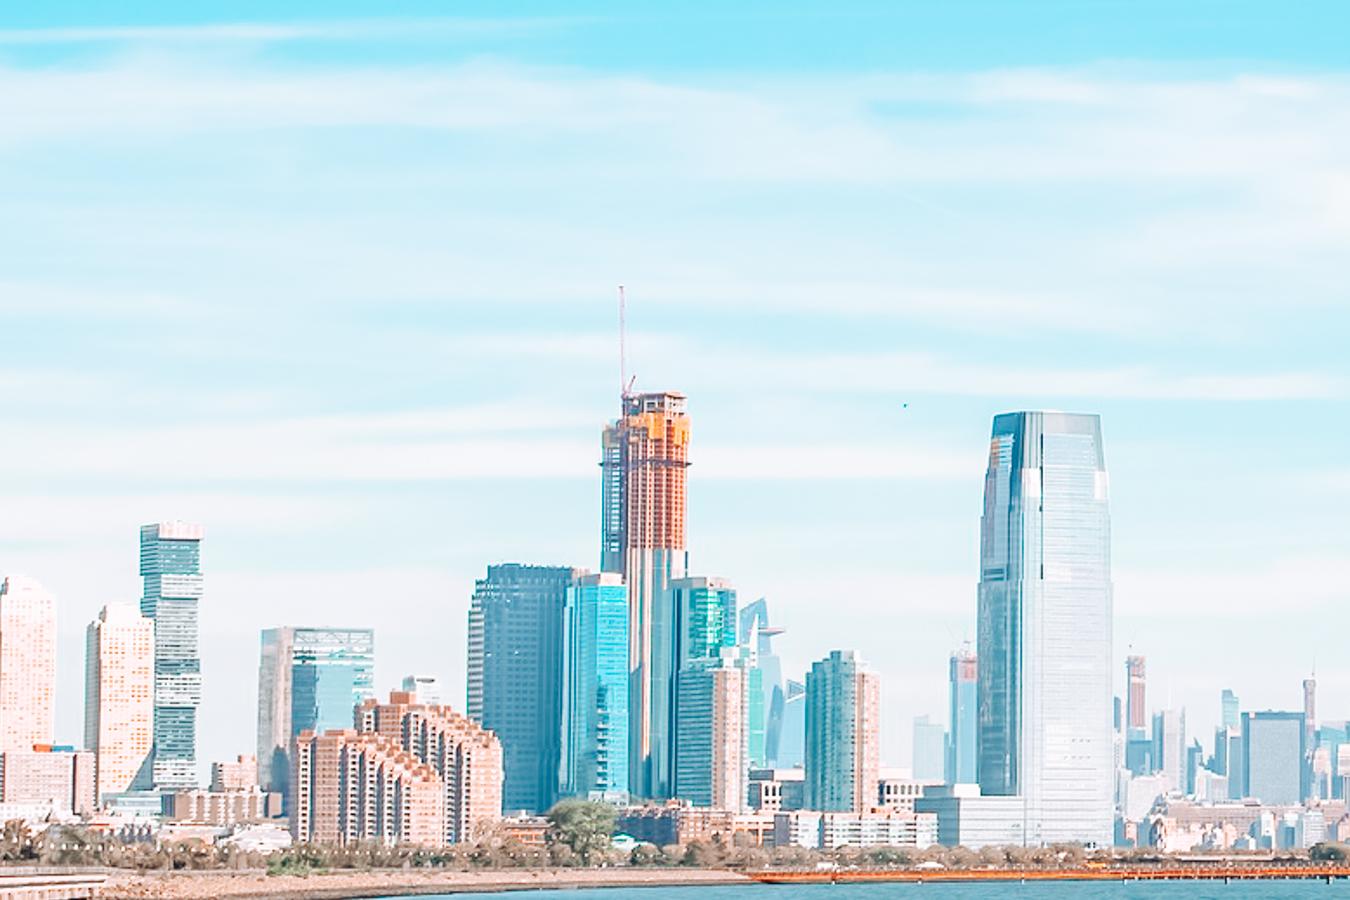 Skyline of Jersey City